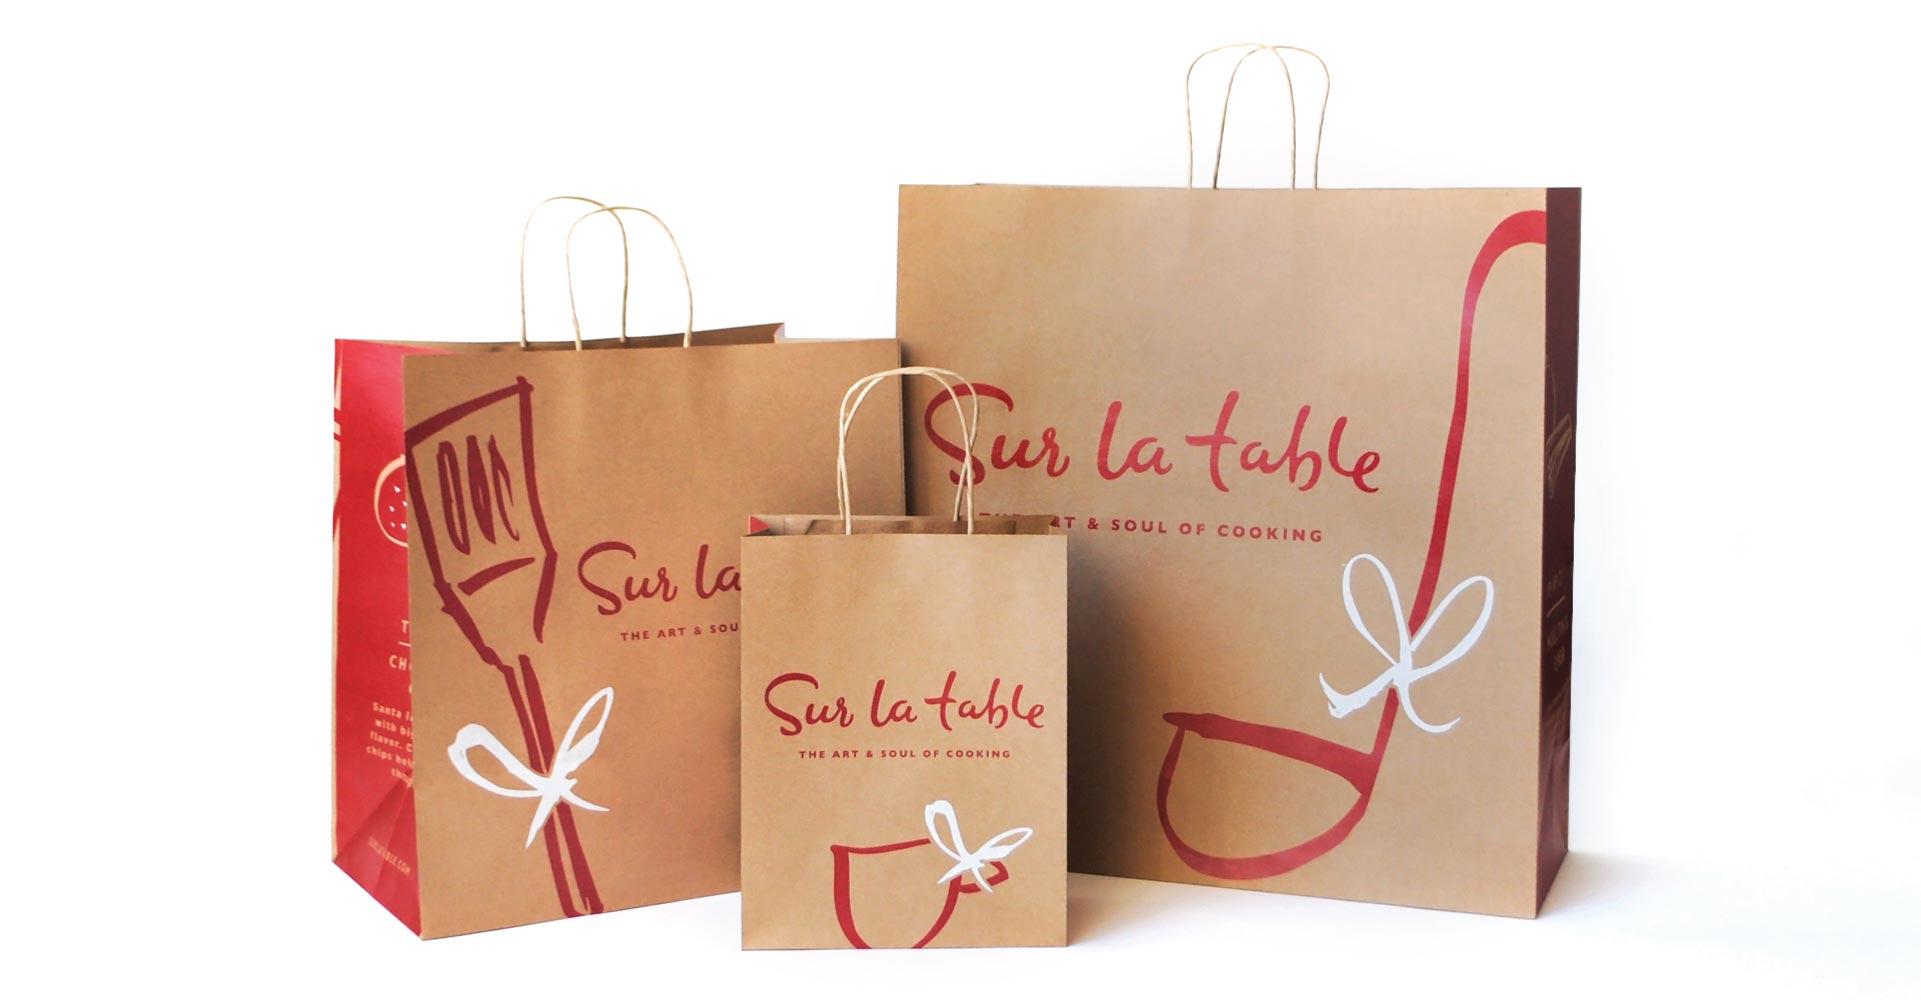 Creative_Retail_Packaging_Custom_SurLaTable_2.jpg